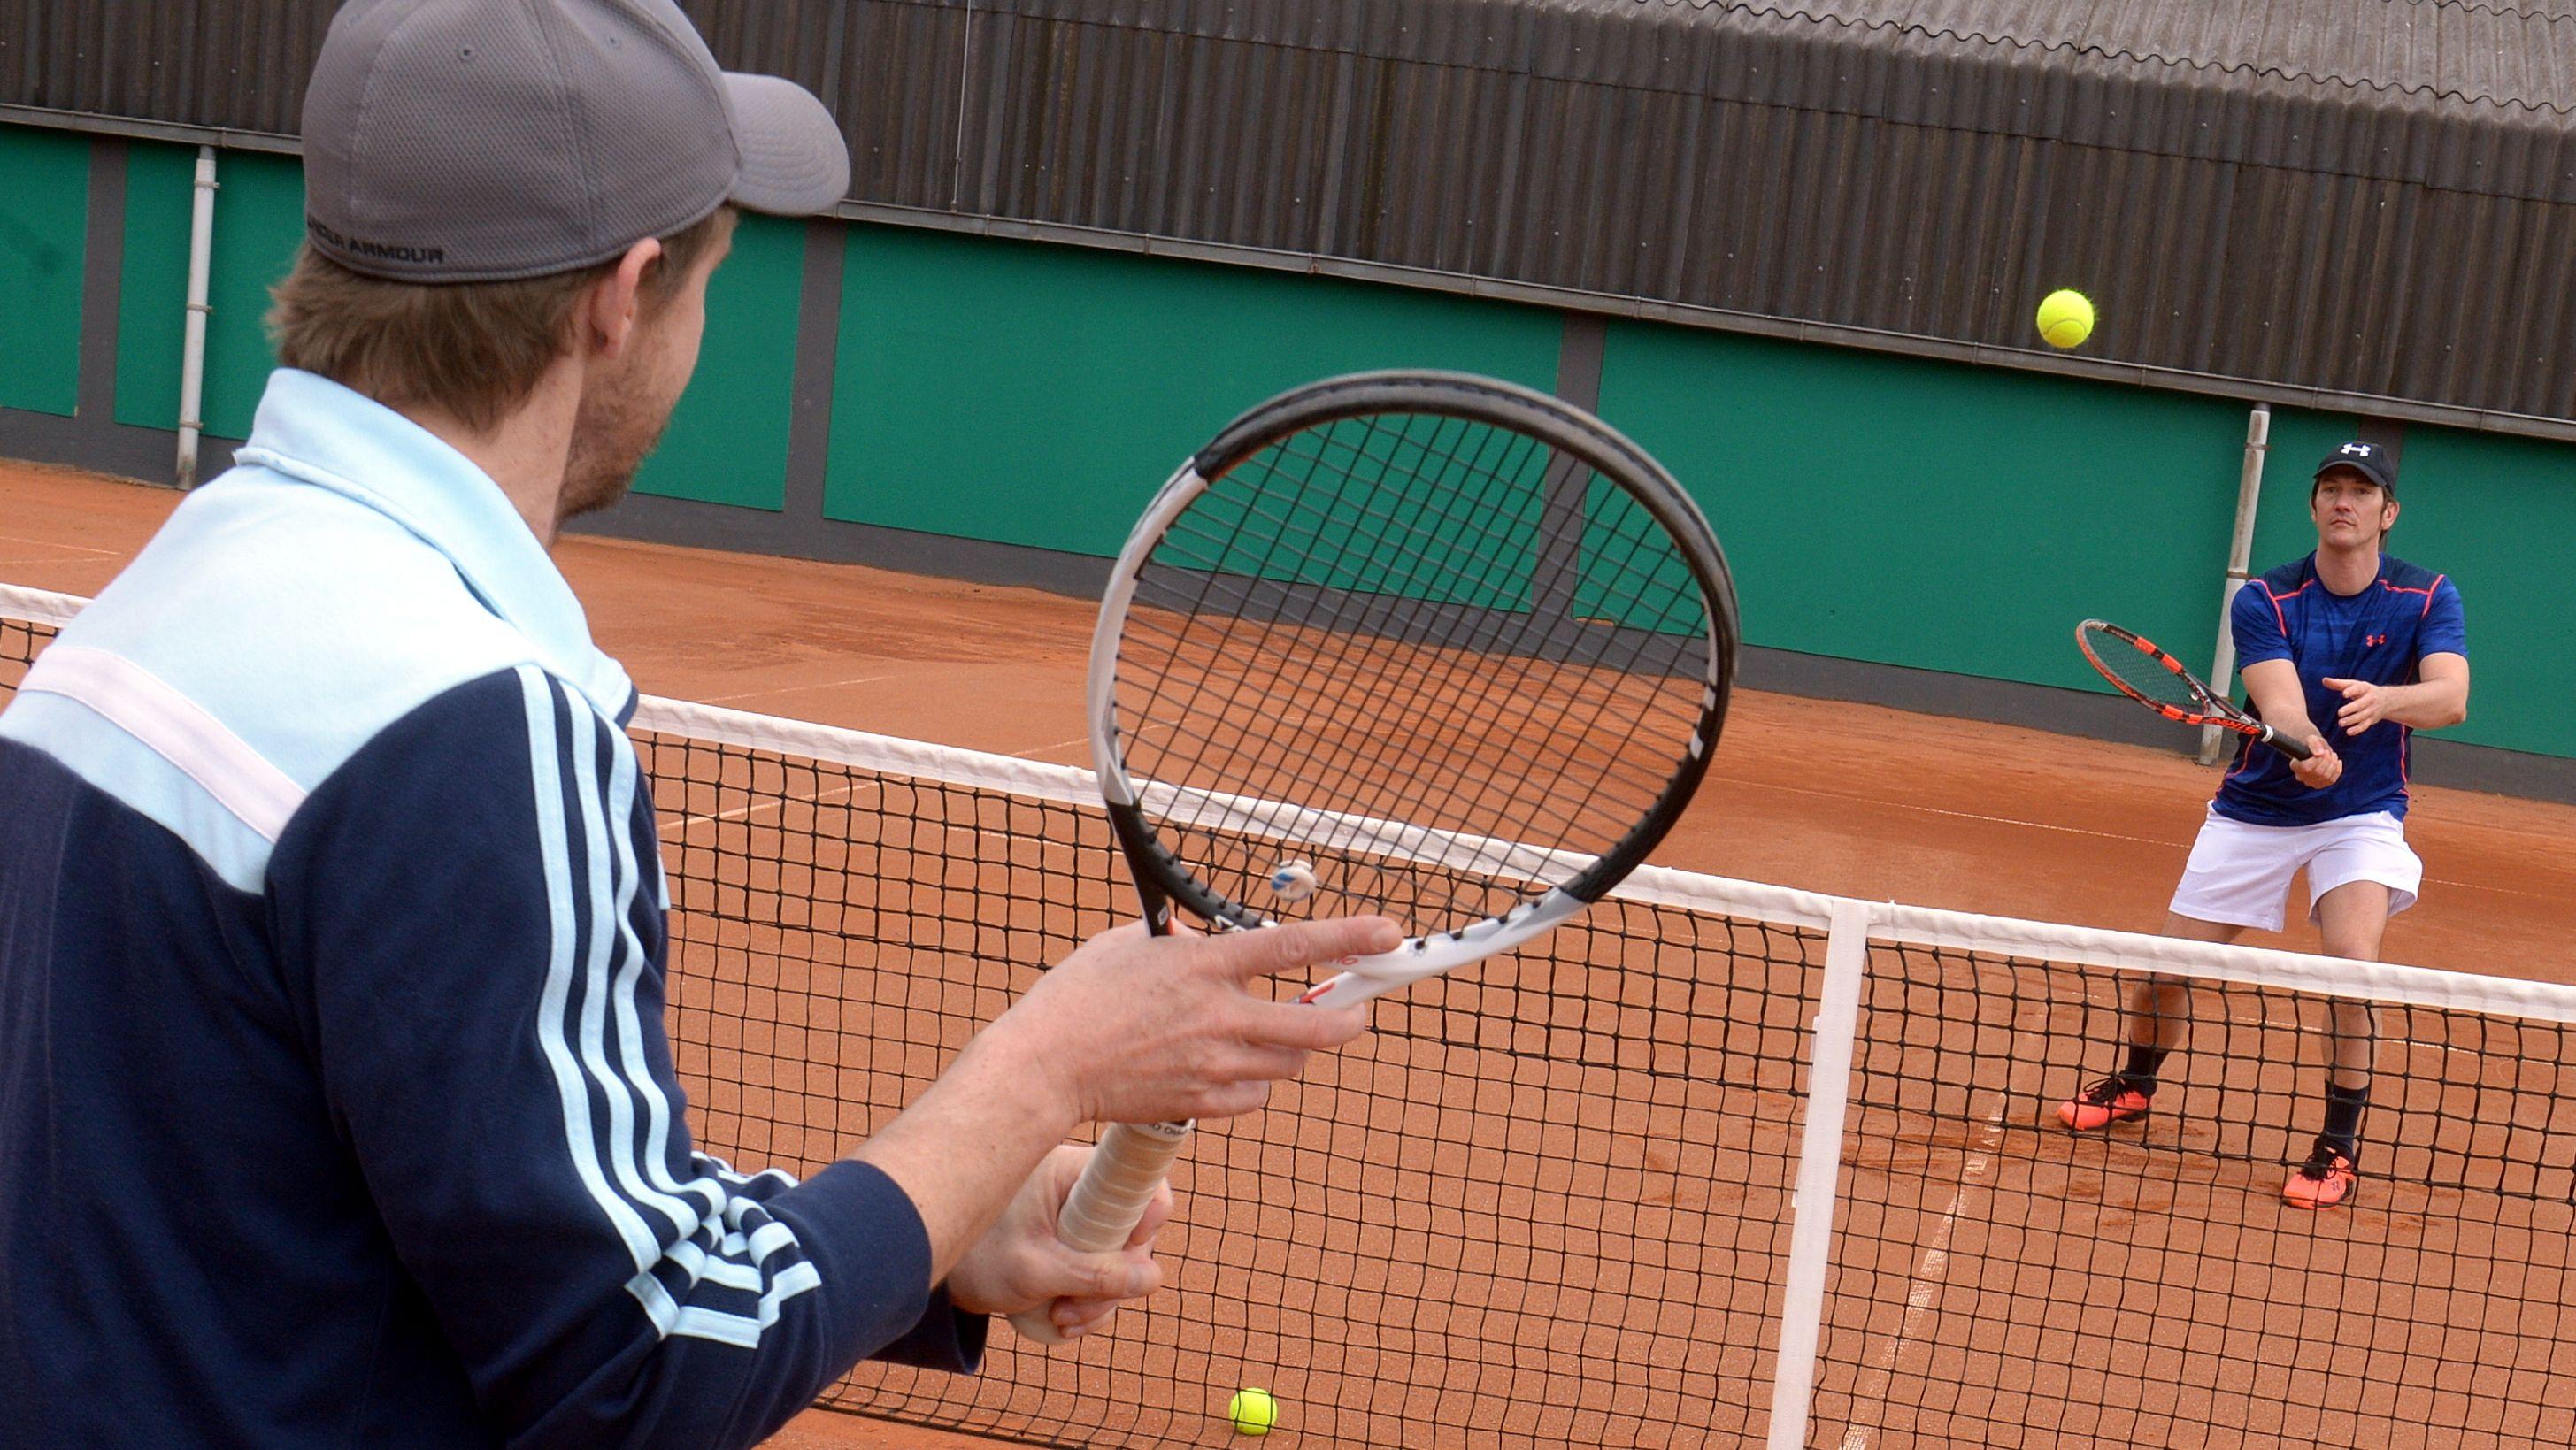 Hobbyspieler auf dem Tennisplatz